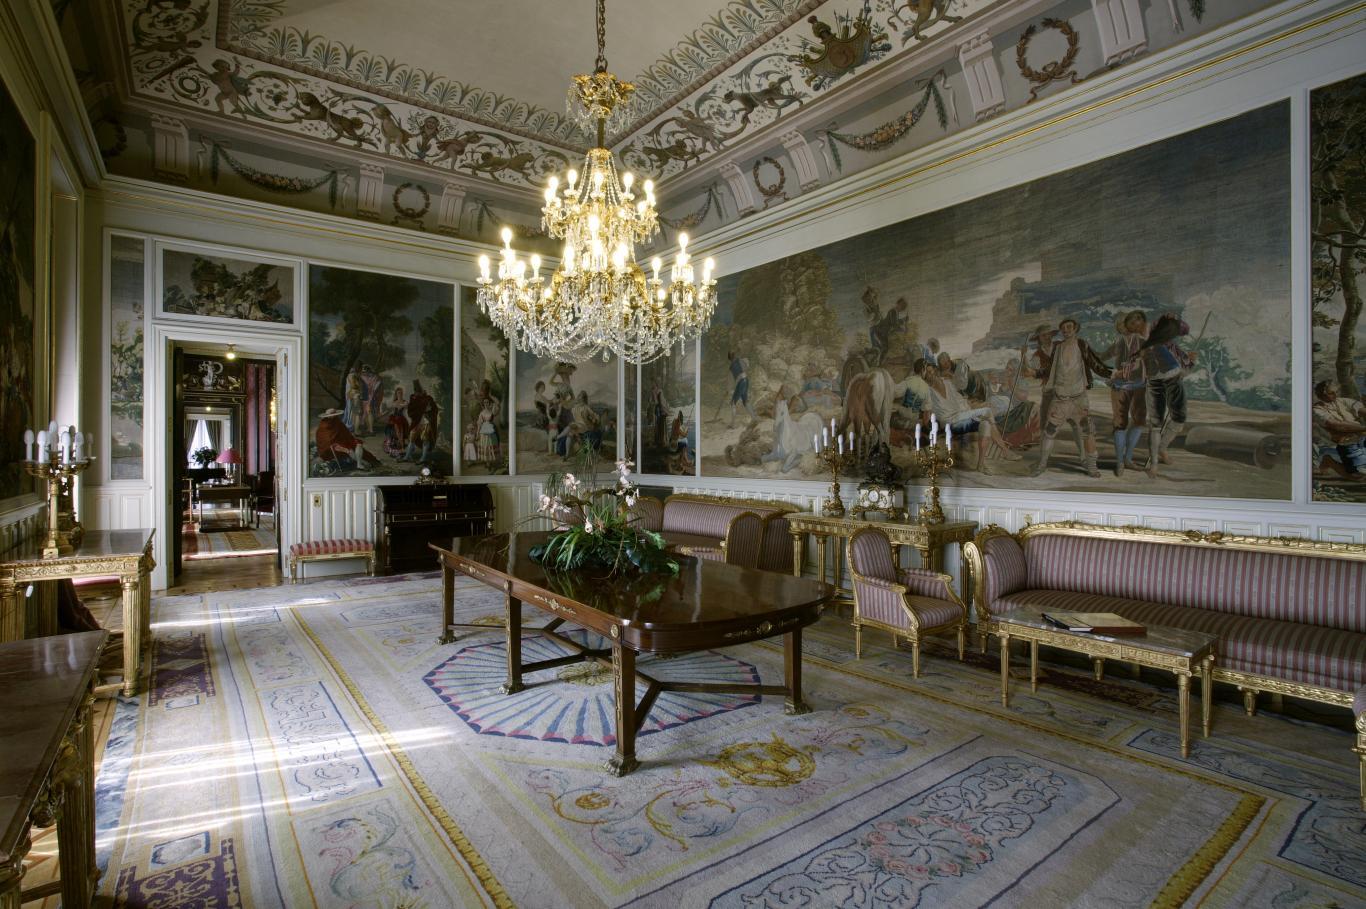 Imagen de Palacio de Buenavista